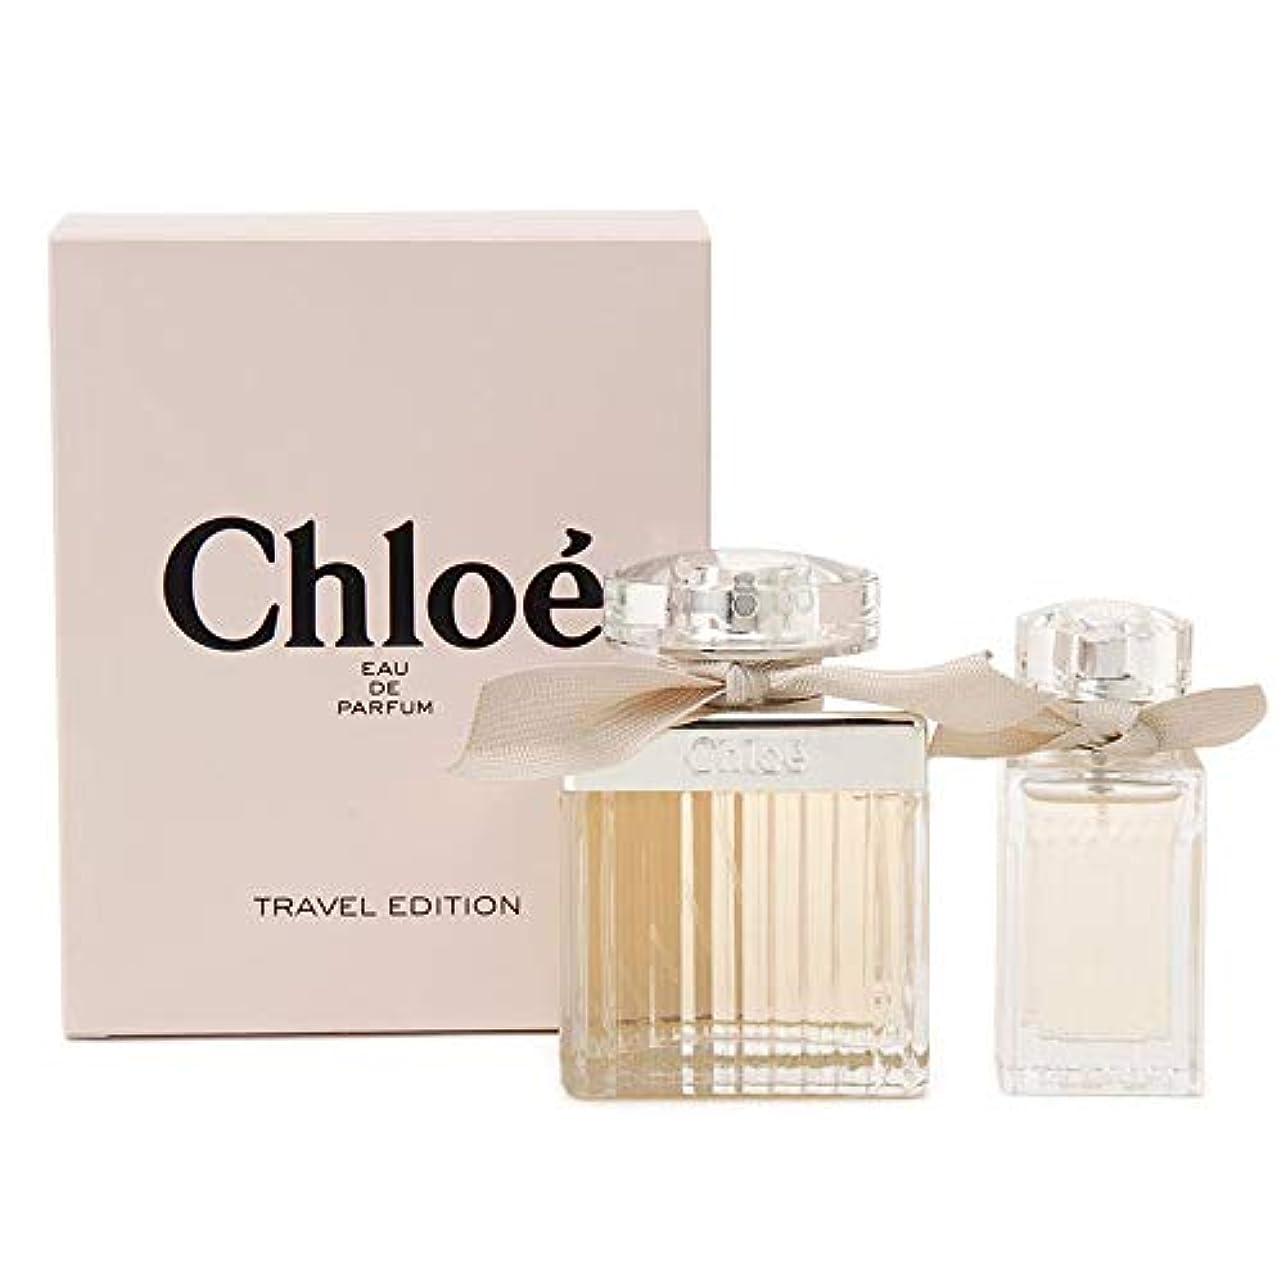 つかまえる効能ある独裁クロエ chloe オードパルファム 香水セット 20ml 75ml 2P 香水 レディース 女性用 フレグランス [並行輸入品]